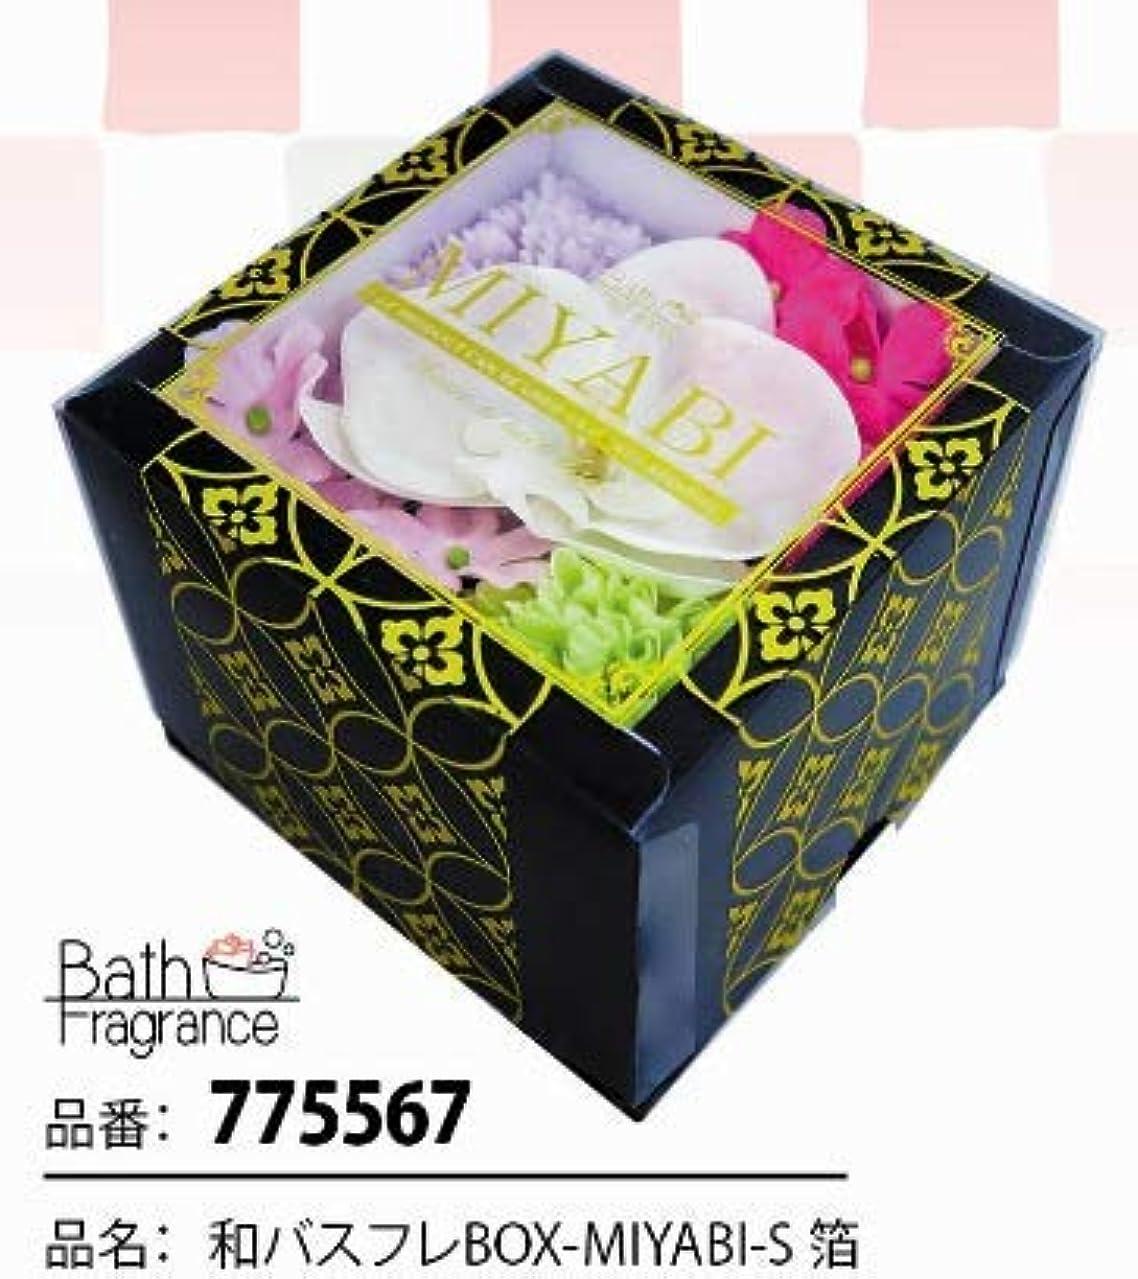 似ている希望に満ちたペースト花のカタチの入浴剤 和バスフレBOX-MIYABI-S箔 775567